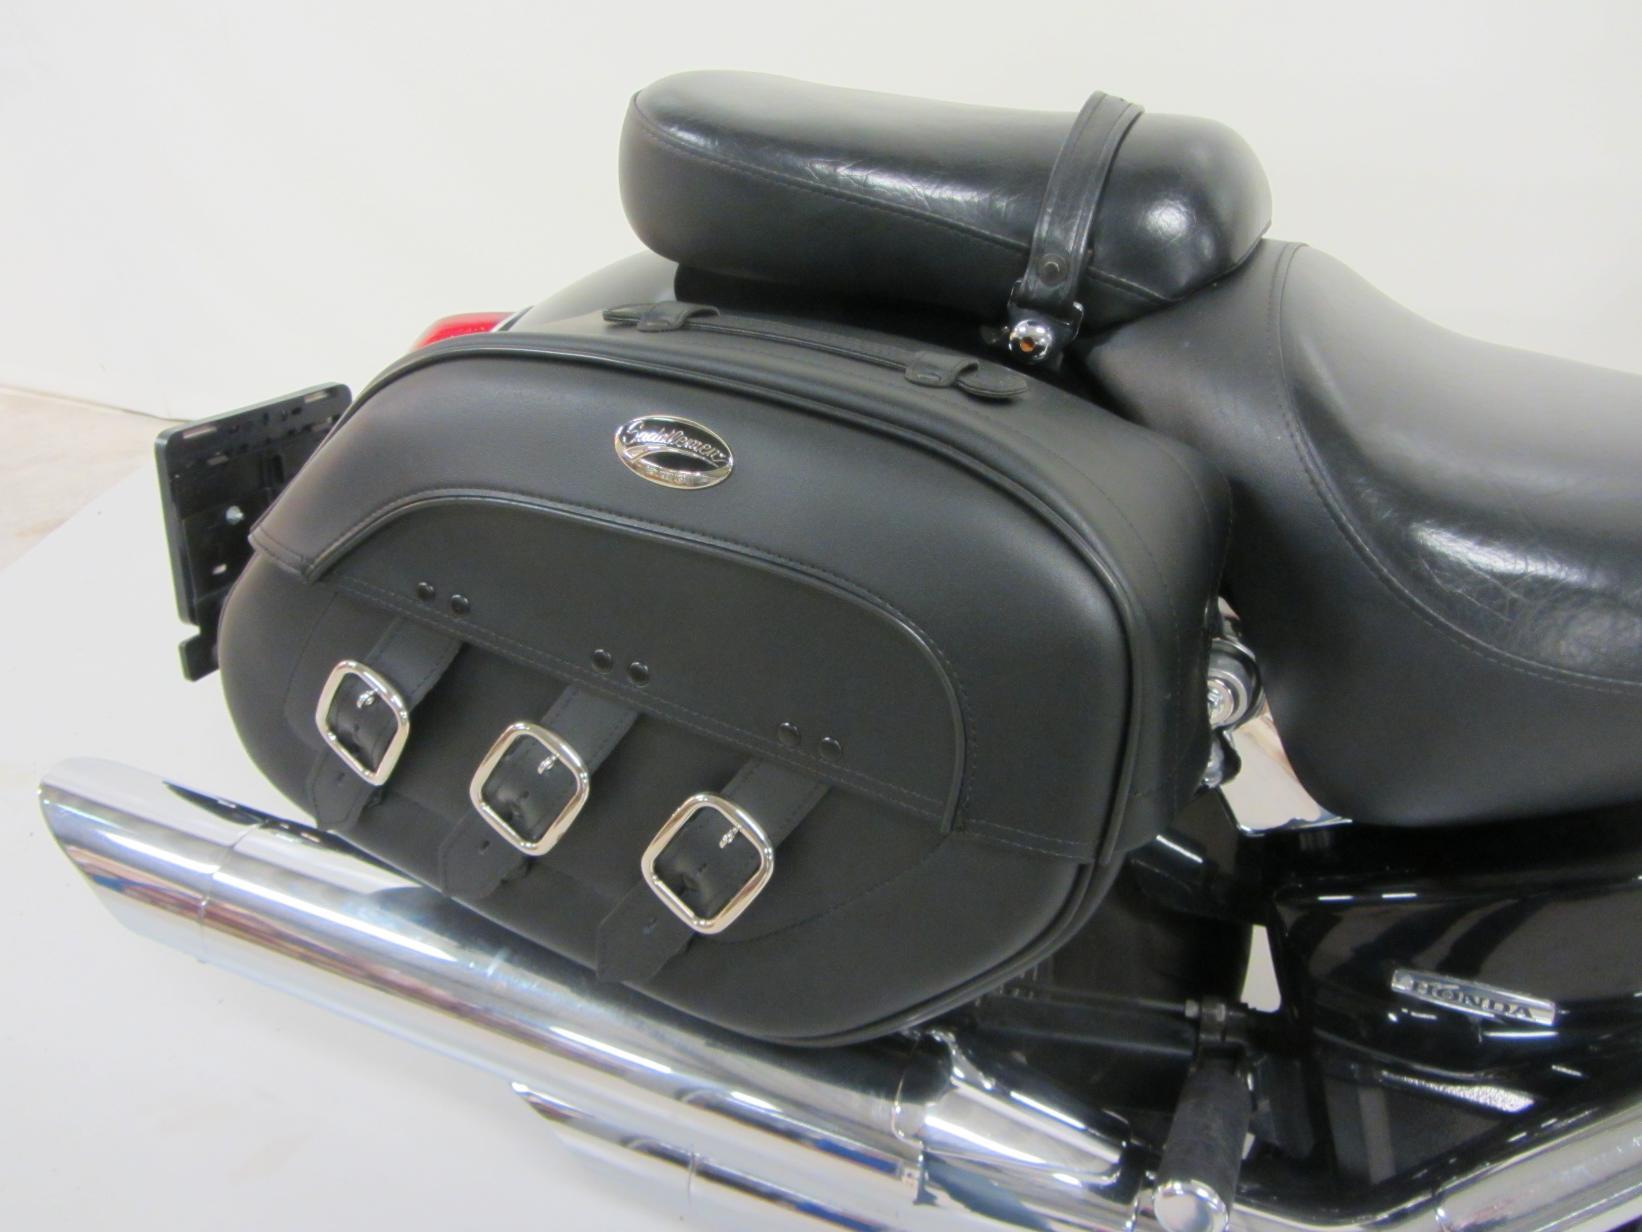 HONDA VTX1800 RETRO CLASSIC